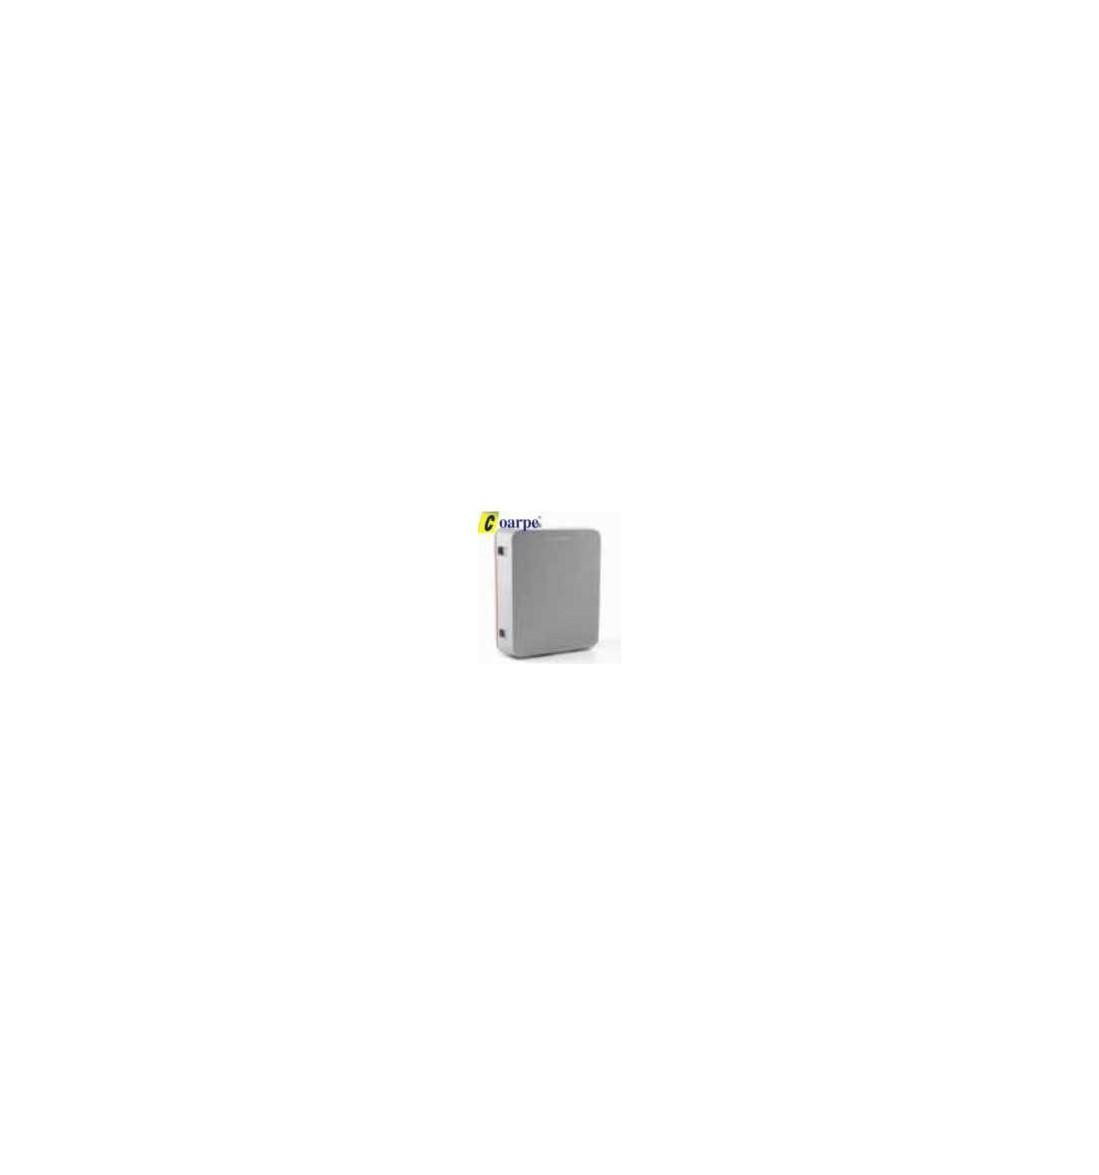 Cuadro Trifásico con doble entrada de fotocélula.